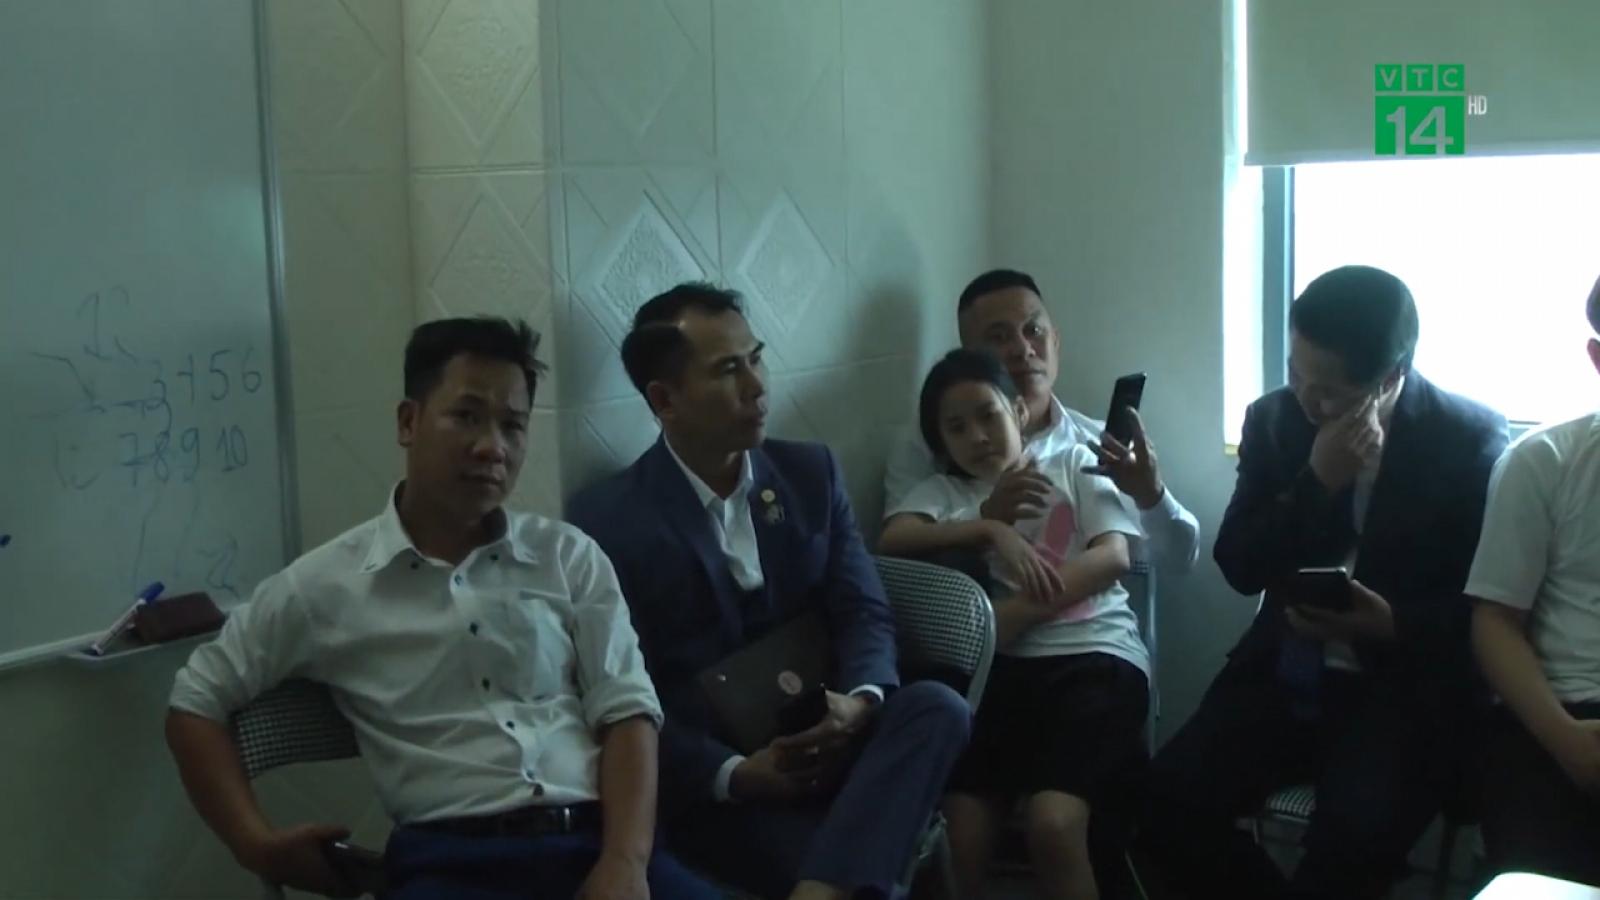 Phát hiện nhóm đối tượng sinh hoạt tôn giáo trái phép ở Nghệ An